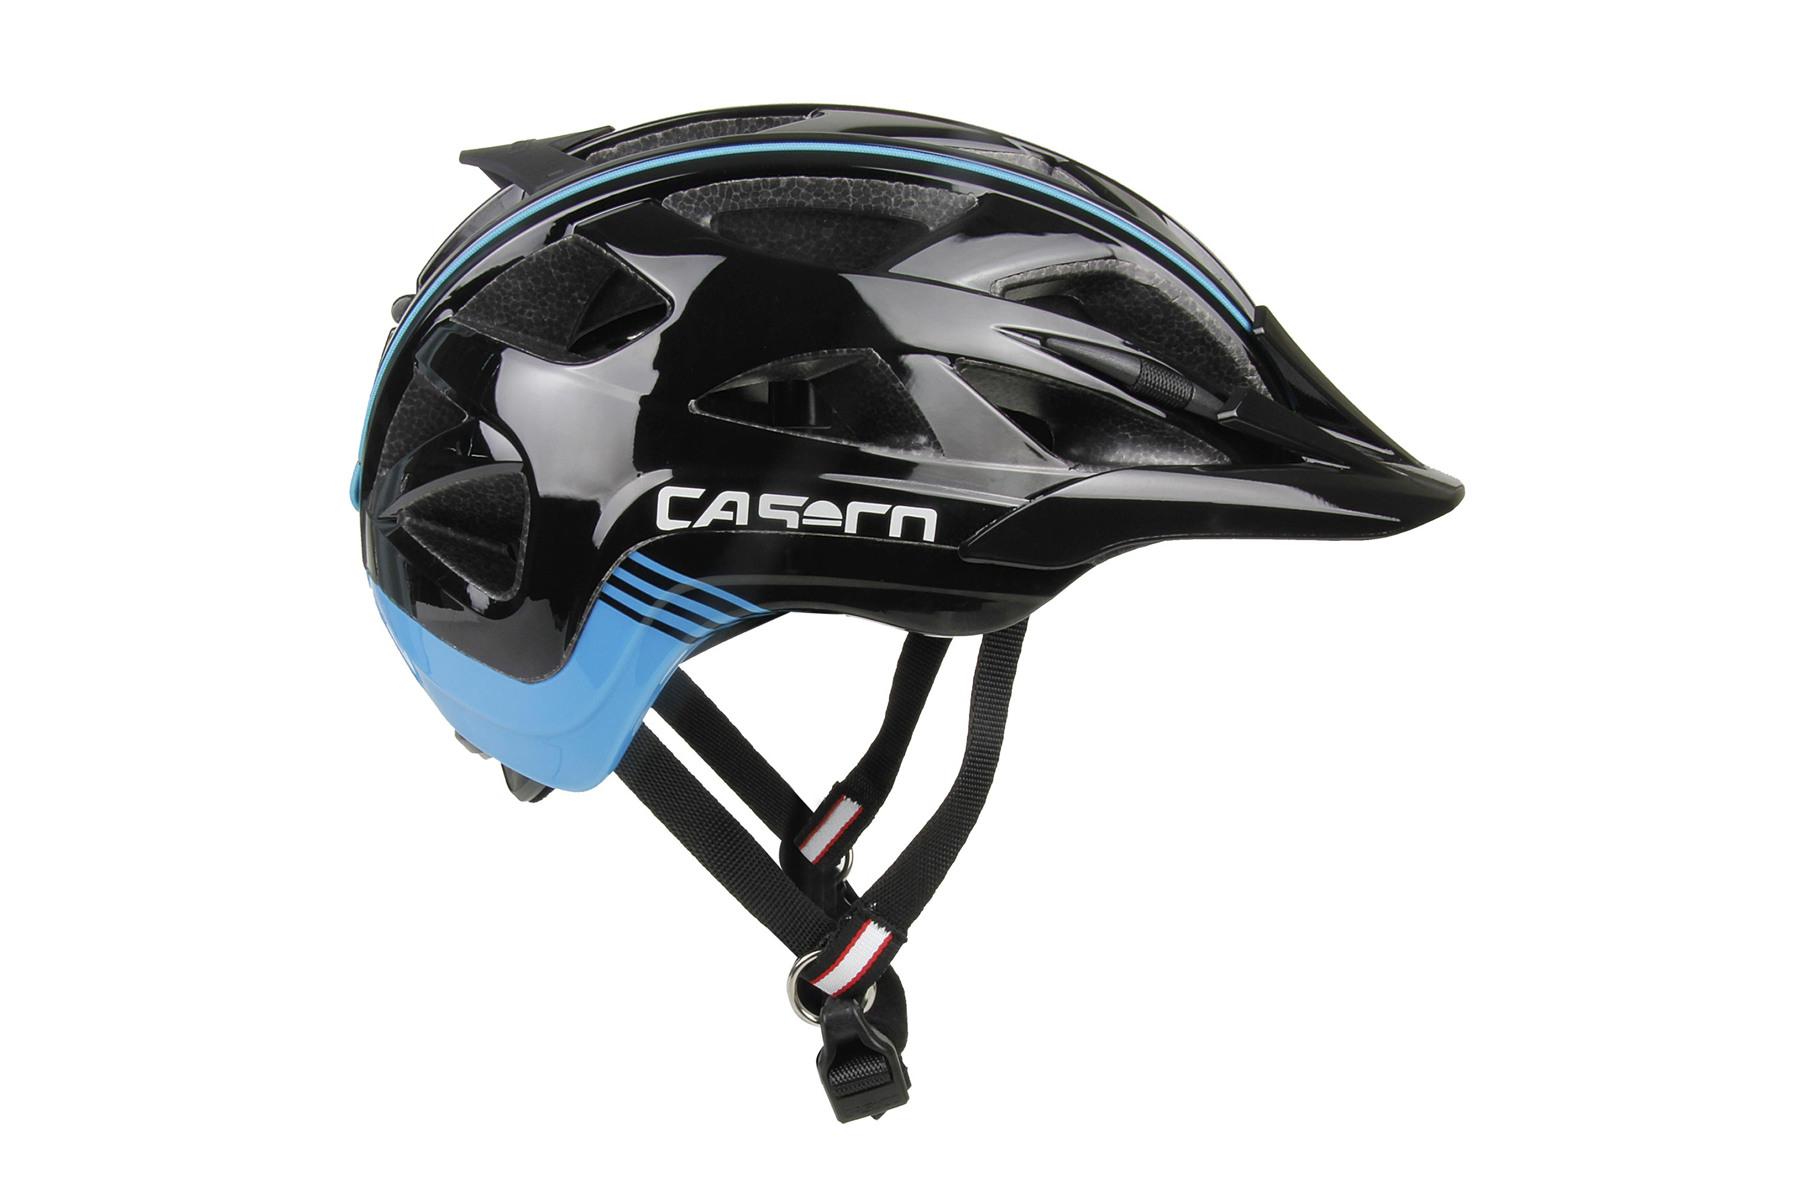 Buy CASCO ACTIV 2 bike helmet